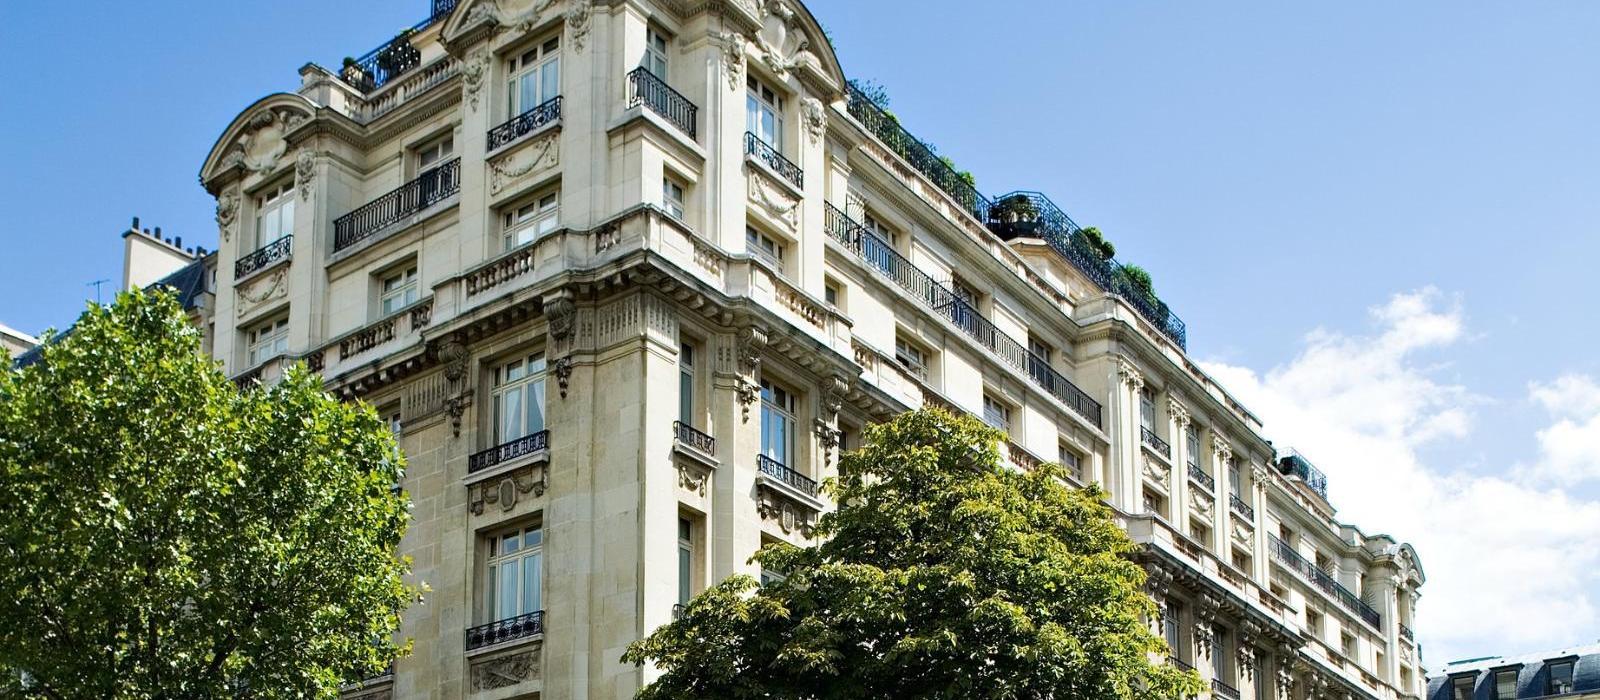 巴黎拉斐尔酒店(Hotel Raphael) 酒店外观图片  www.lhw.cn